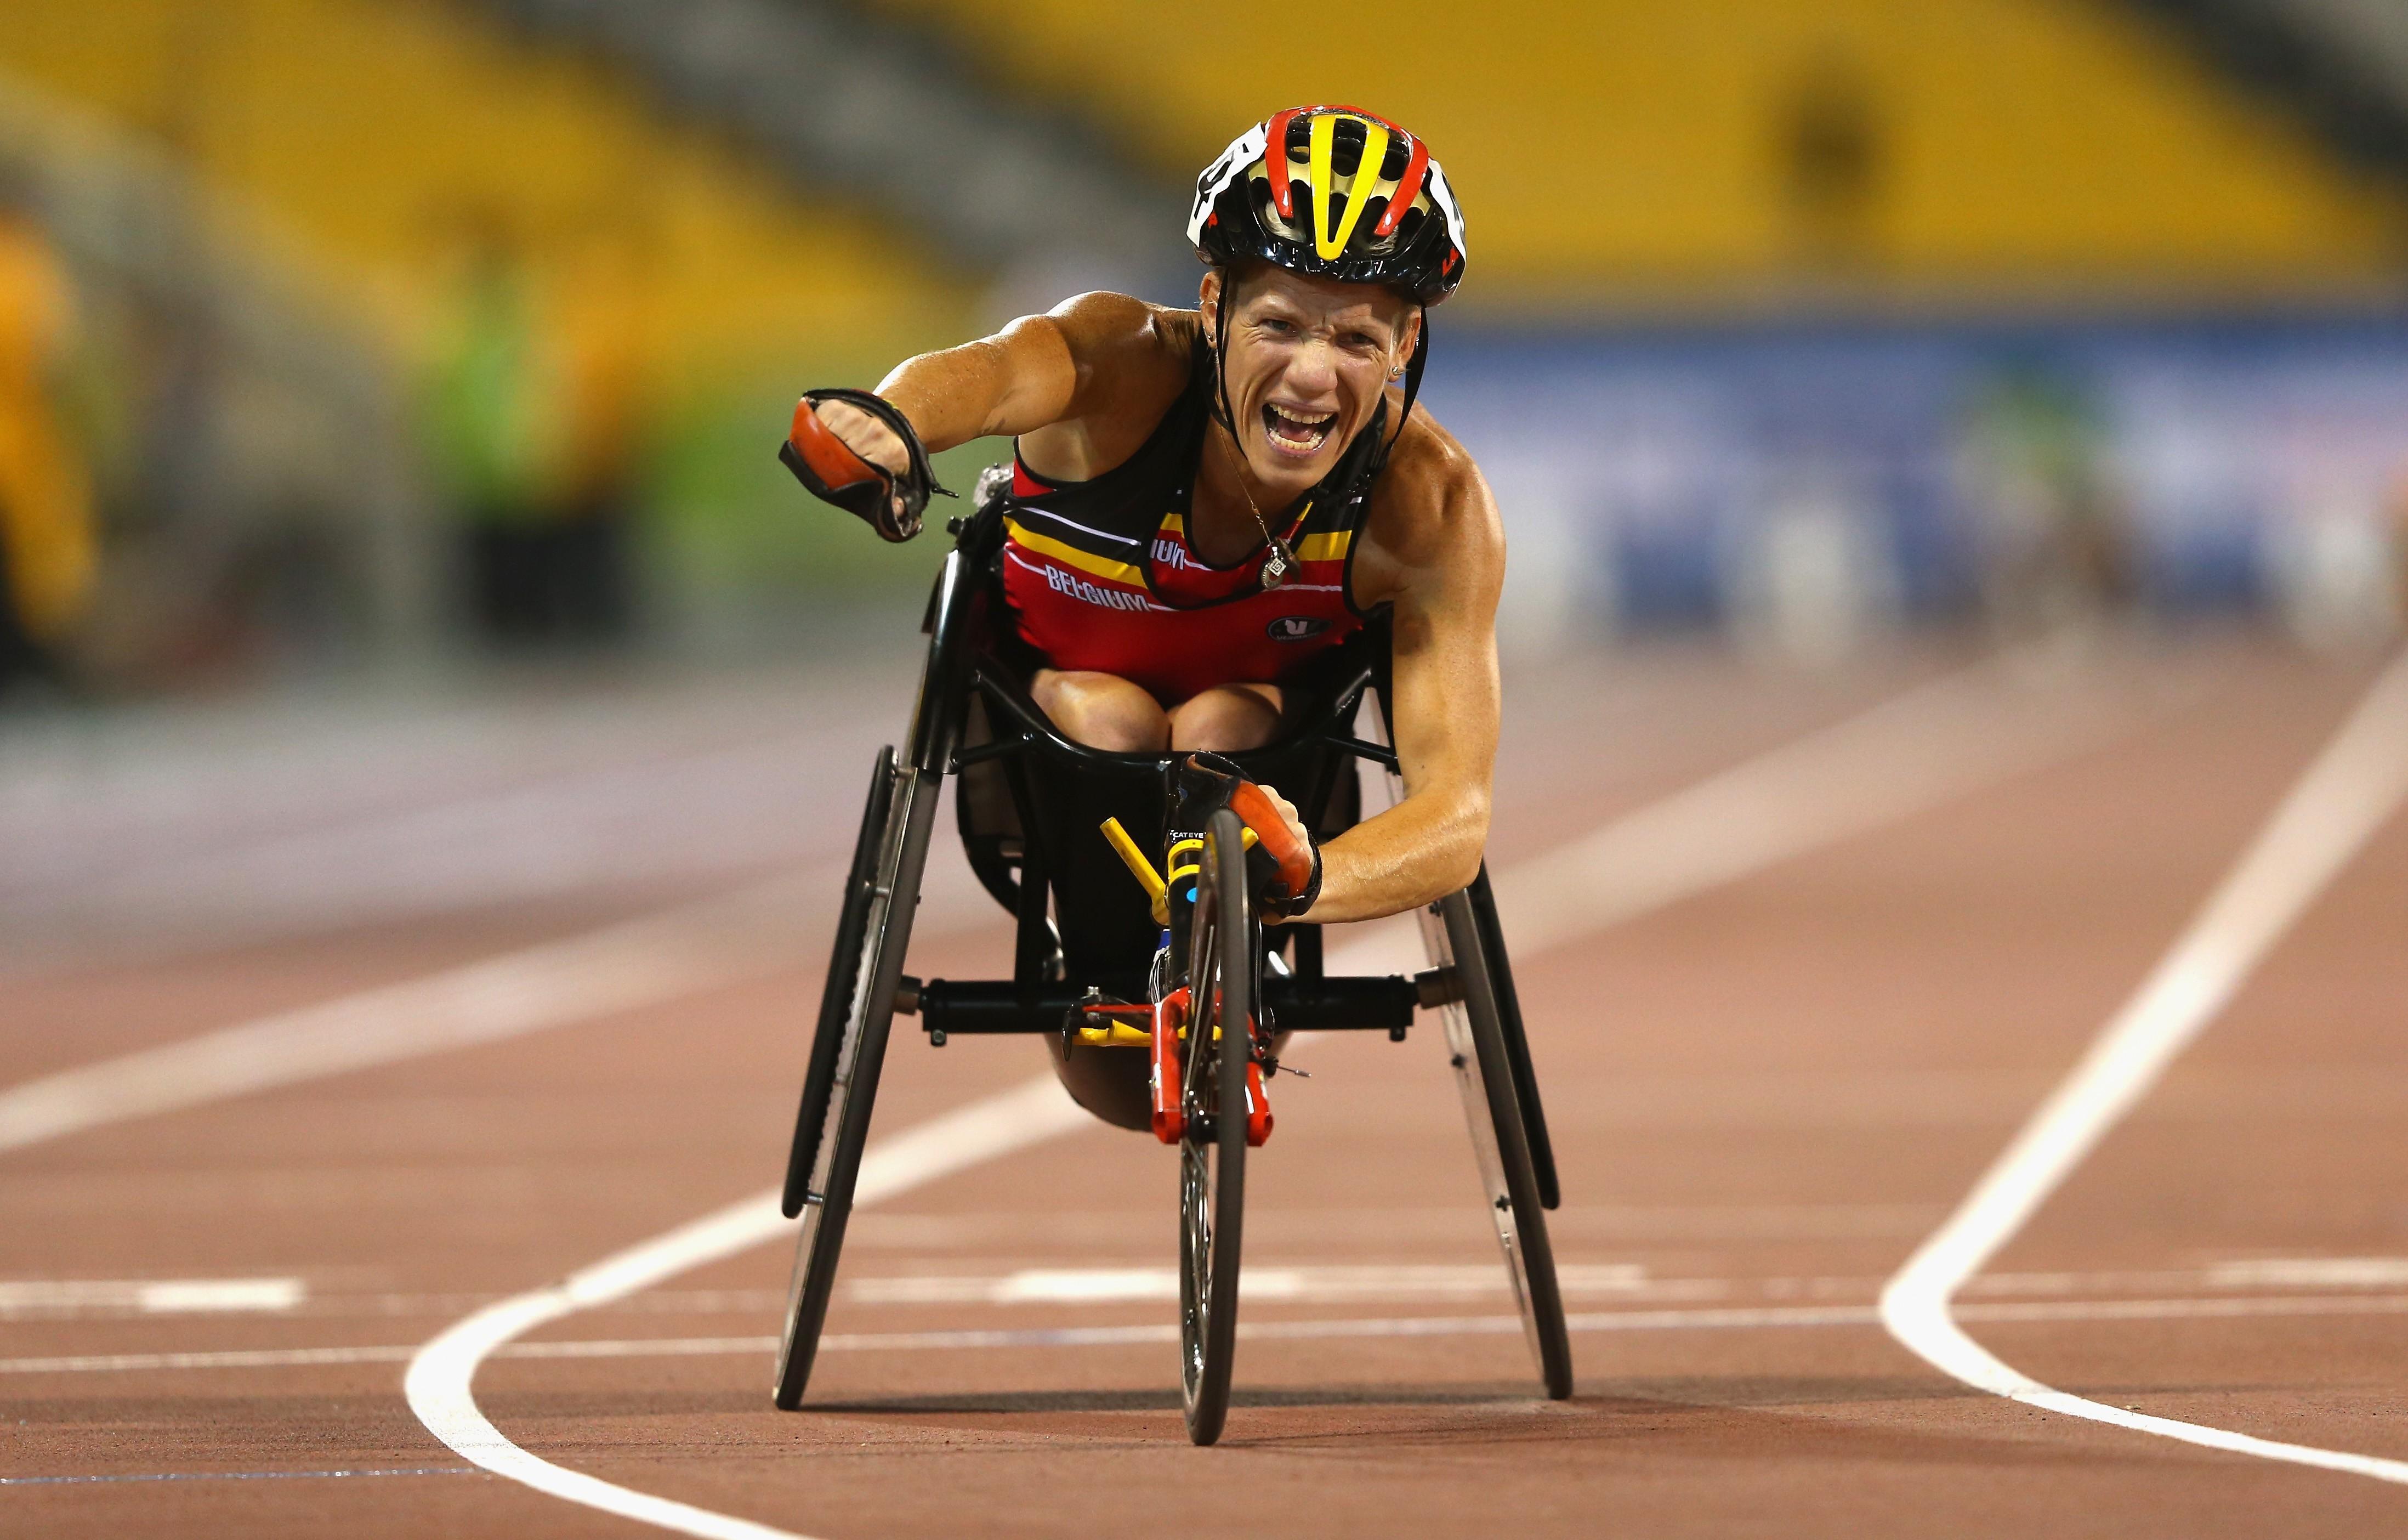 Marieke Vervoort, que já faturou uma prata no Rio (Foto: Francois Nel/Getty Images)